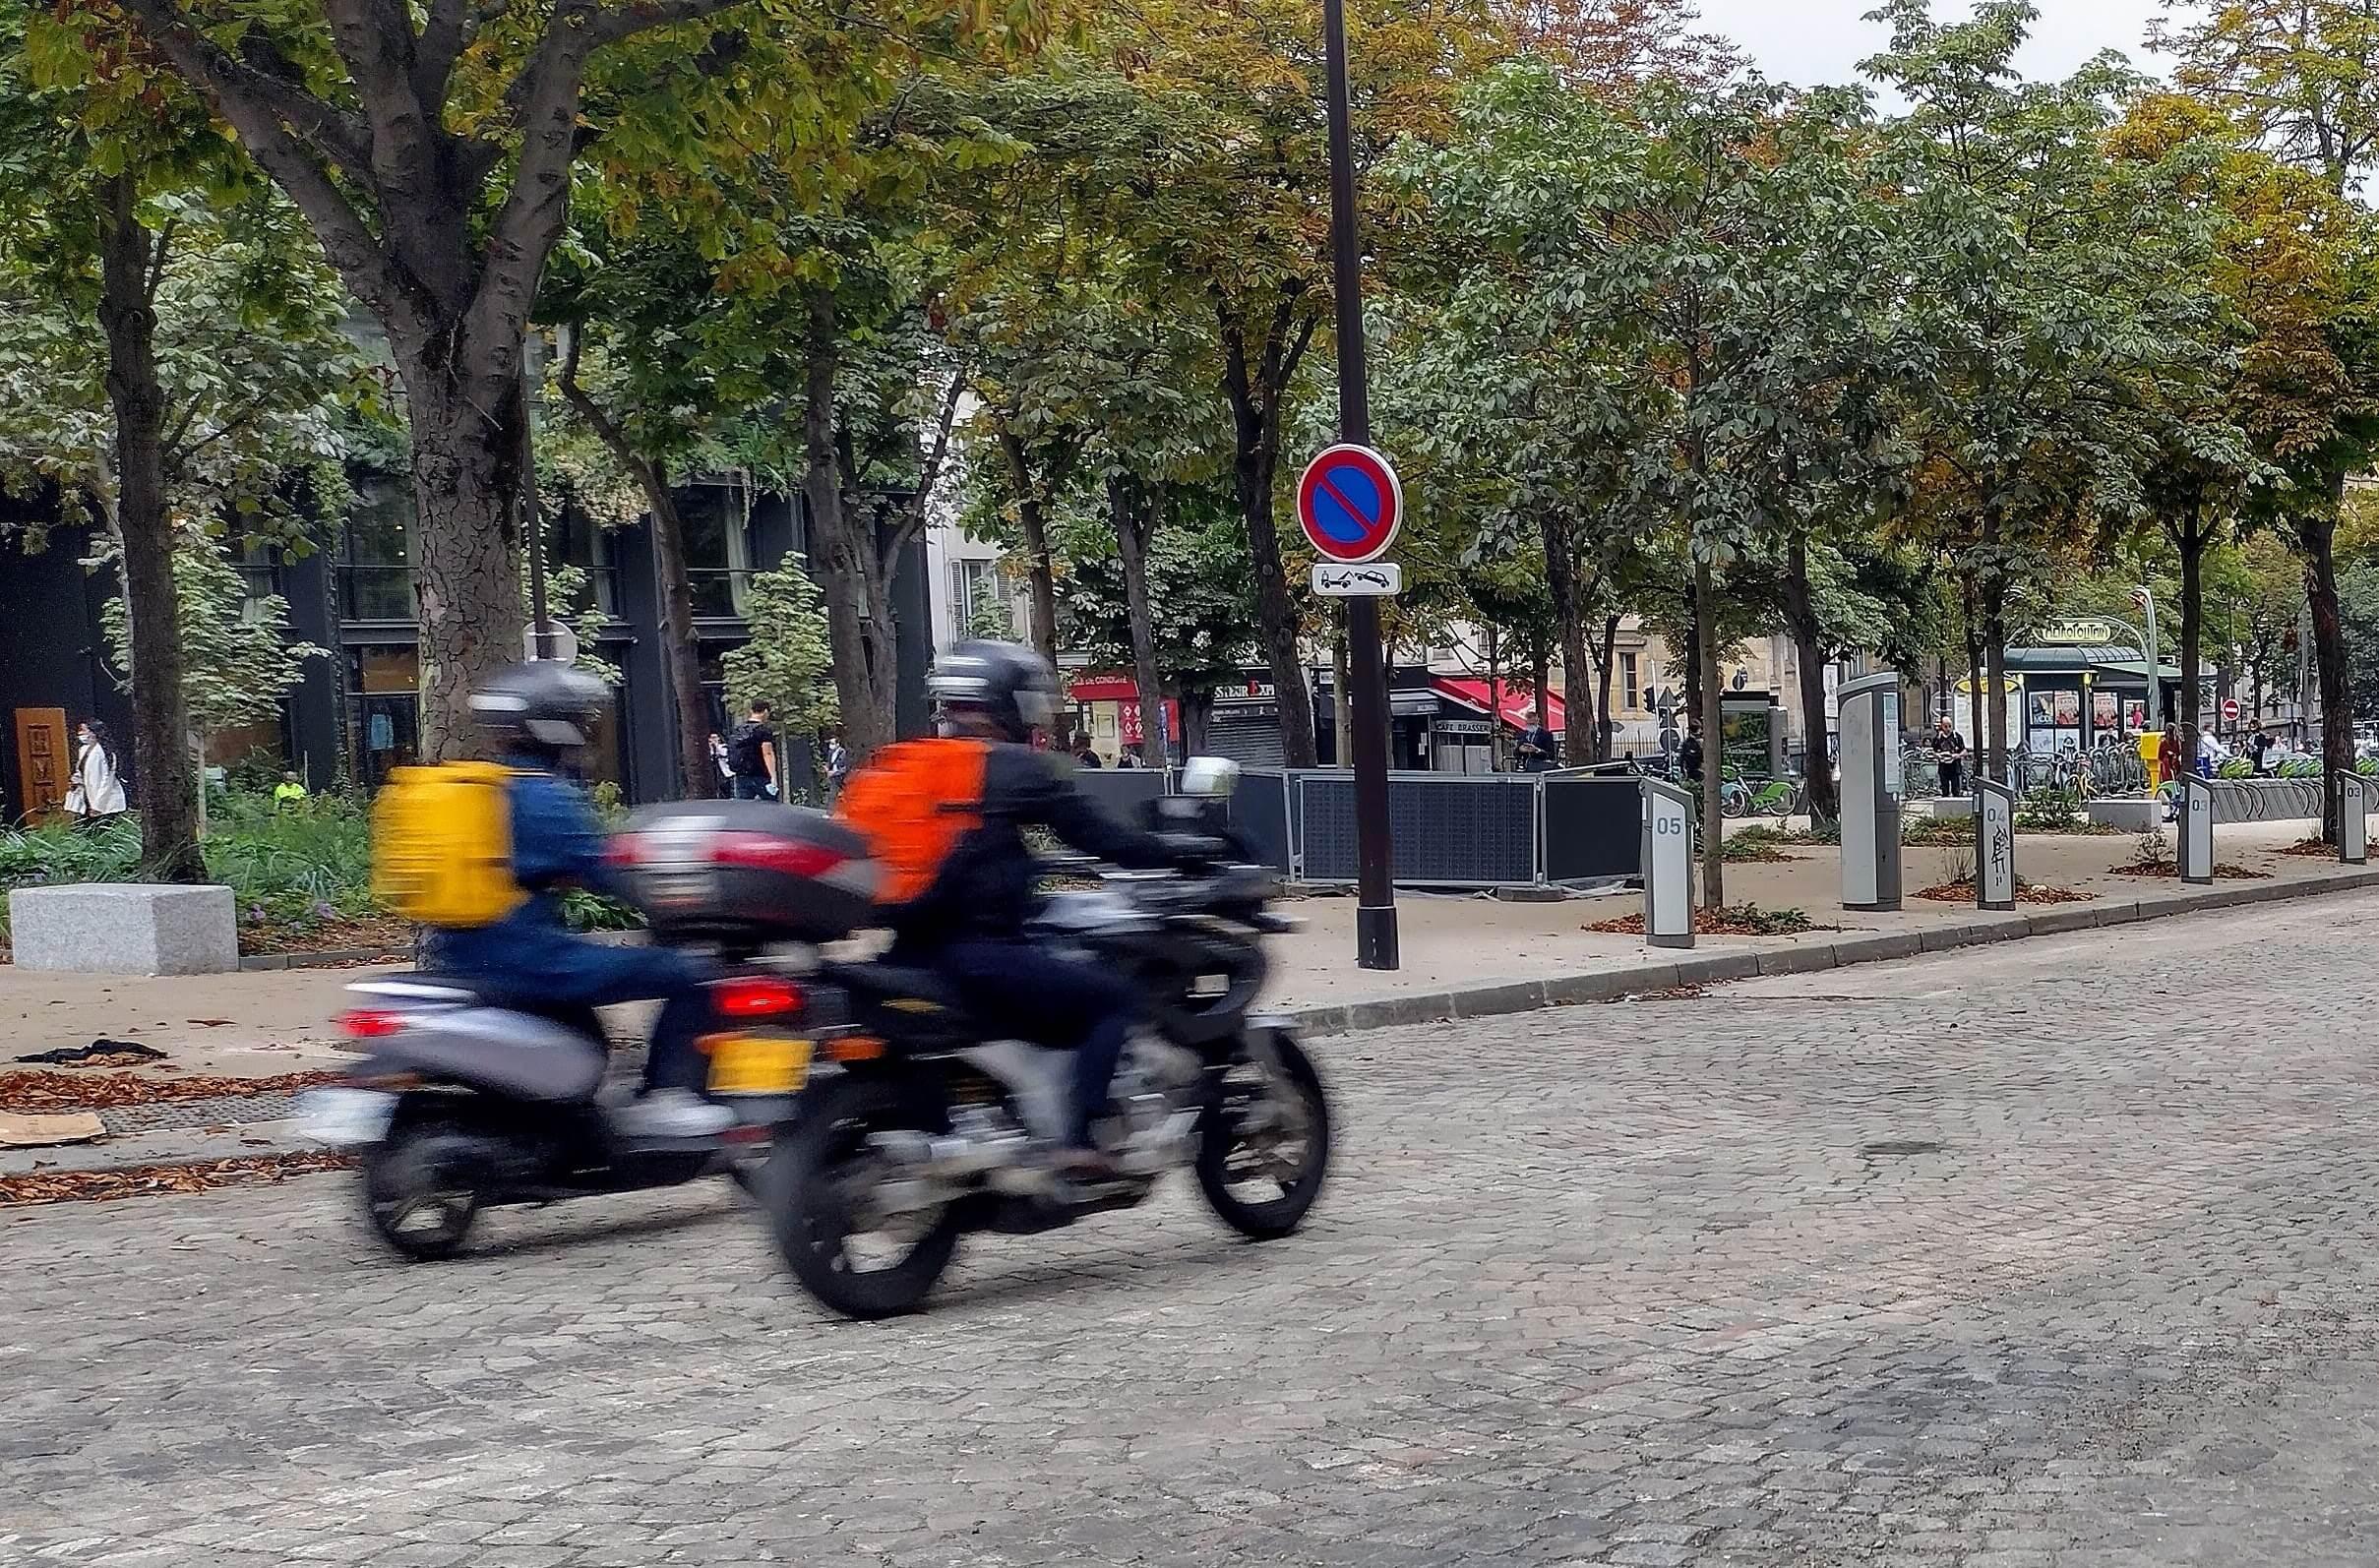 Plan de lutte contre la pollution sonore à Paris : Ras le scoot salue un plan cohérent et prometteur mais reste vigilant sur sa mise en oeuvre